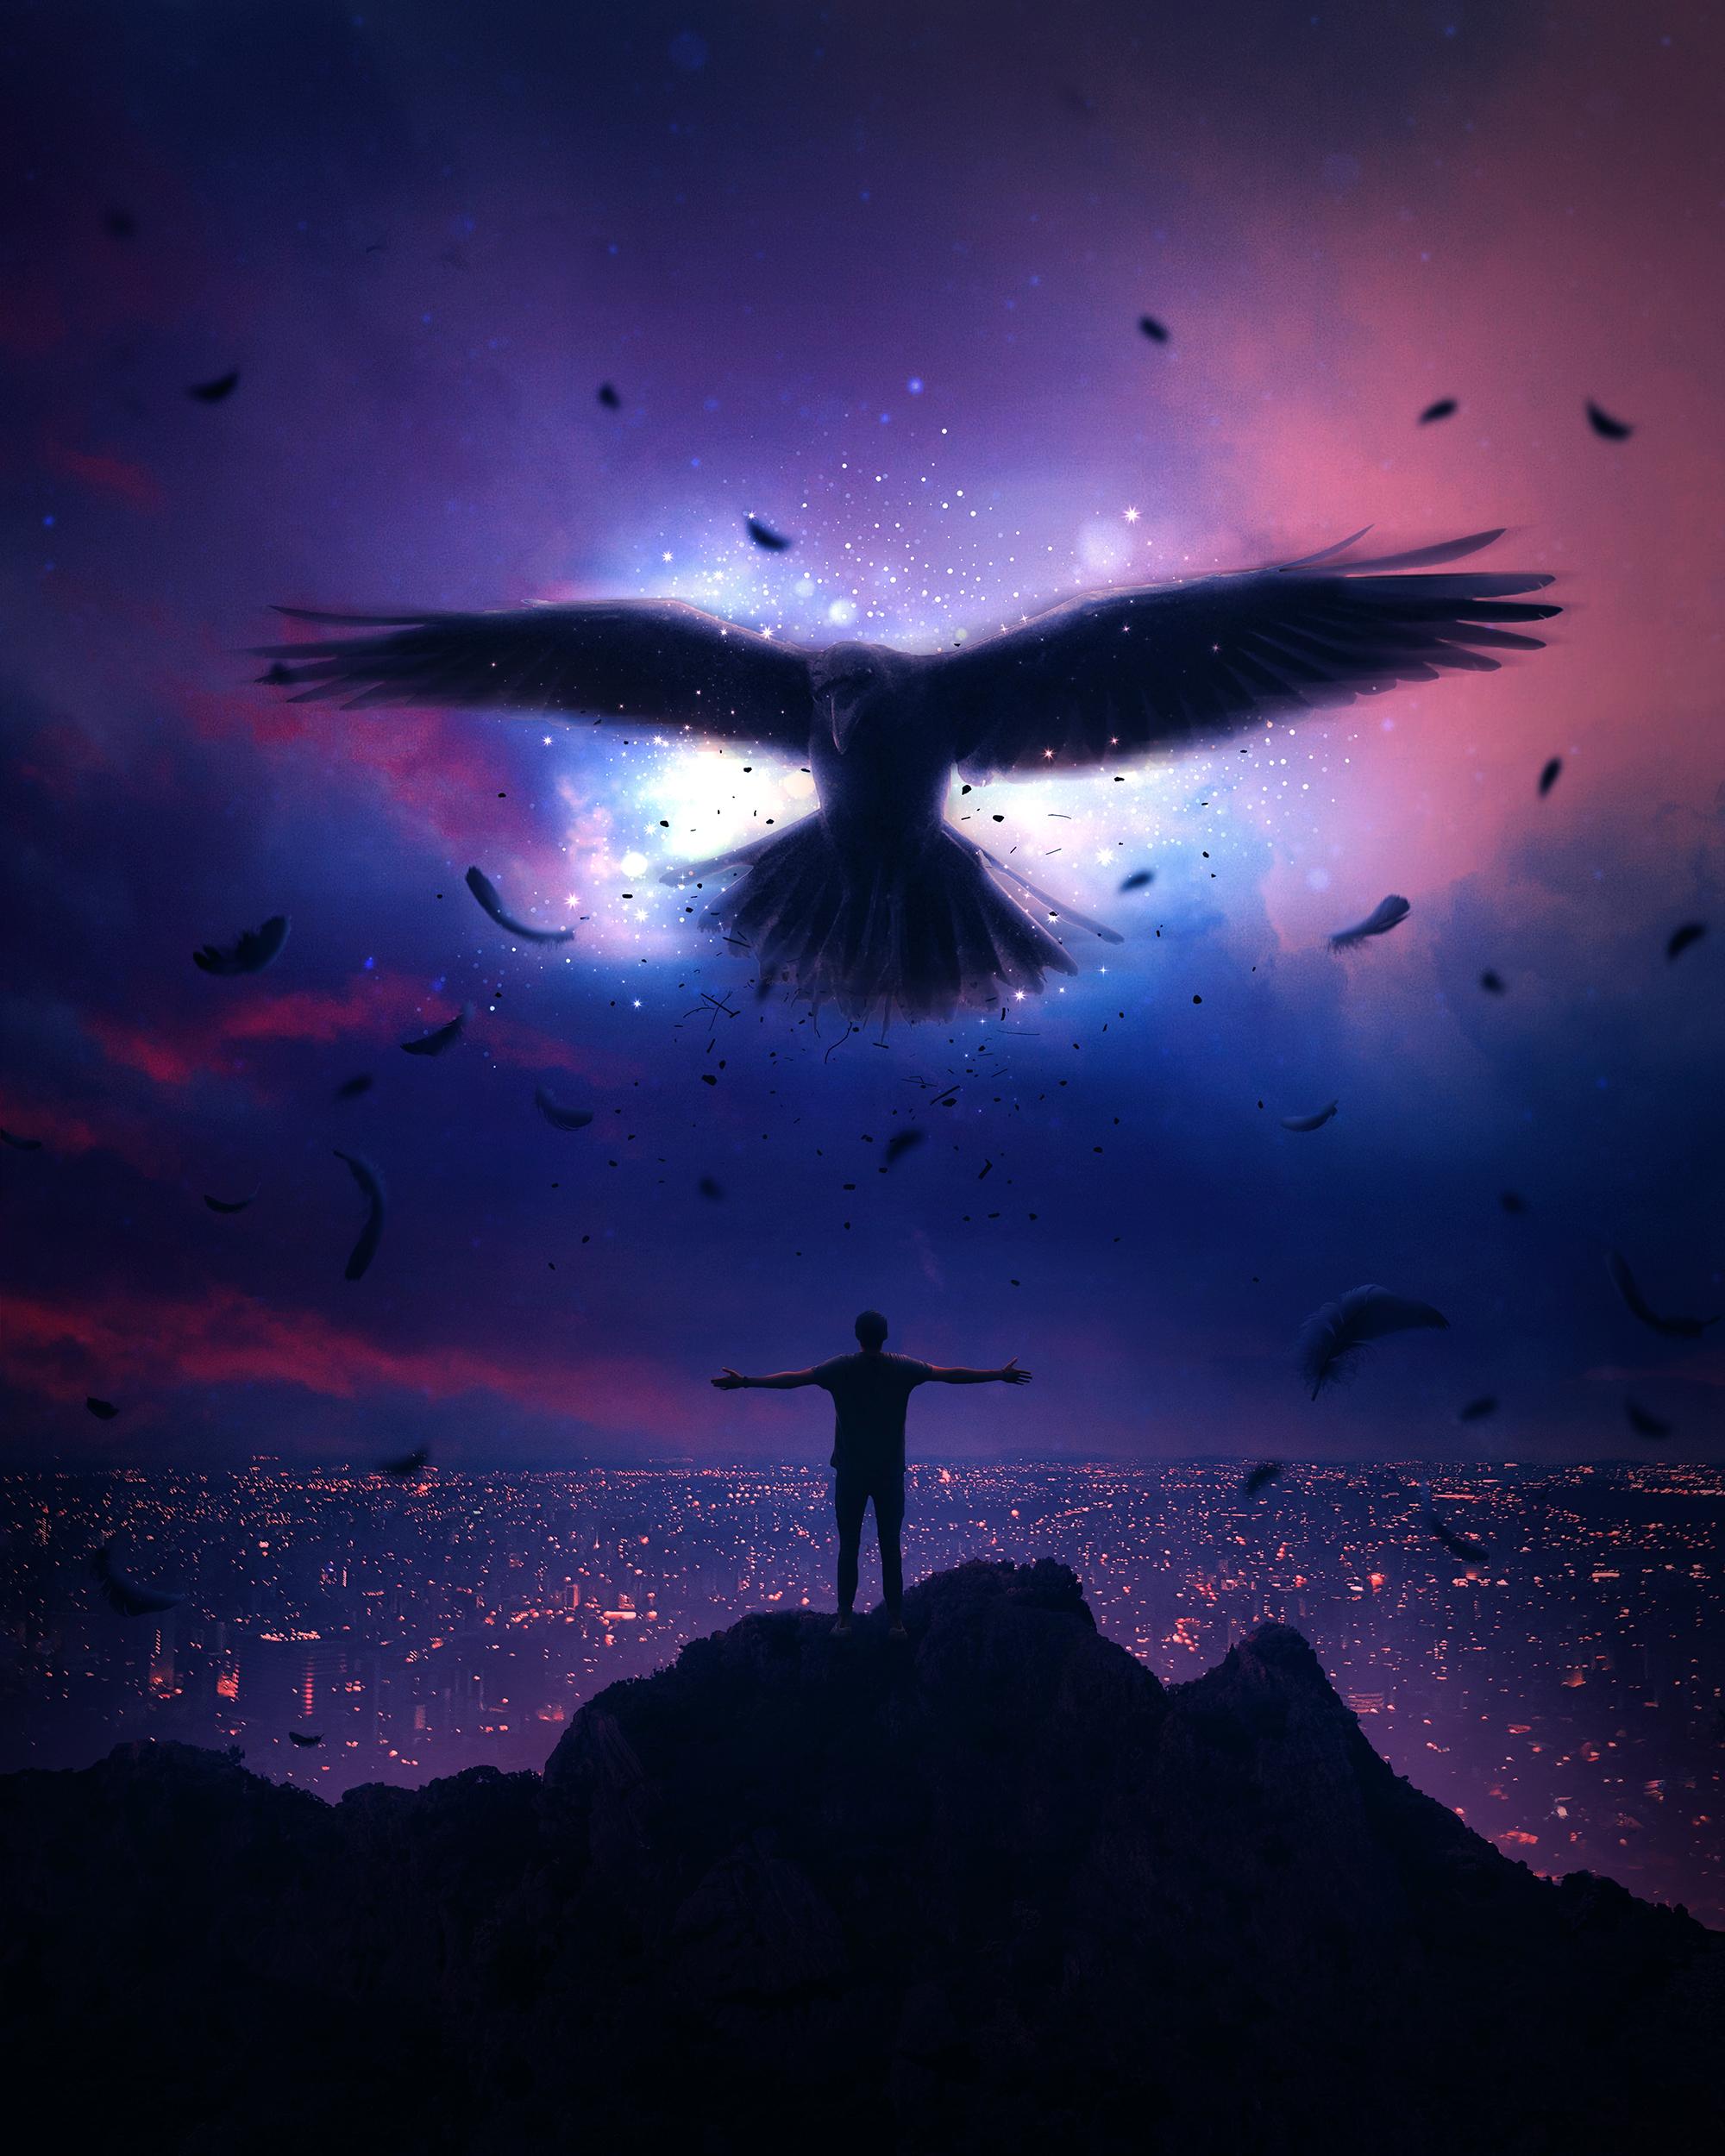 Фото Парень стоит на фоне ночного города с парящим в небе вороном над ним, by aronvisuals